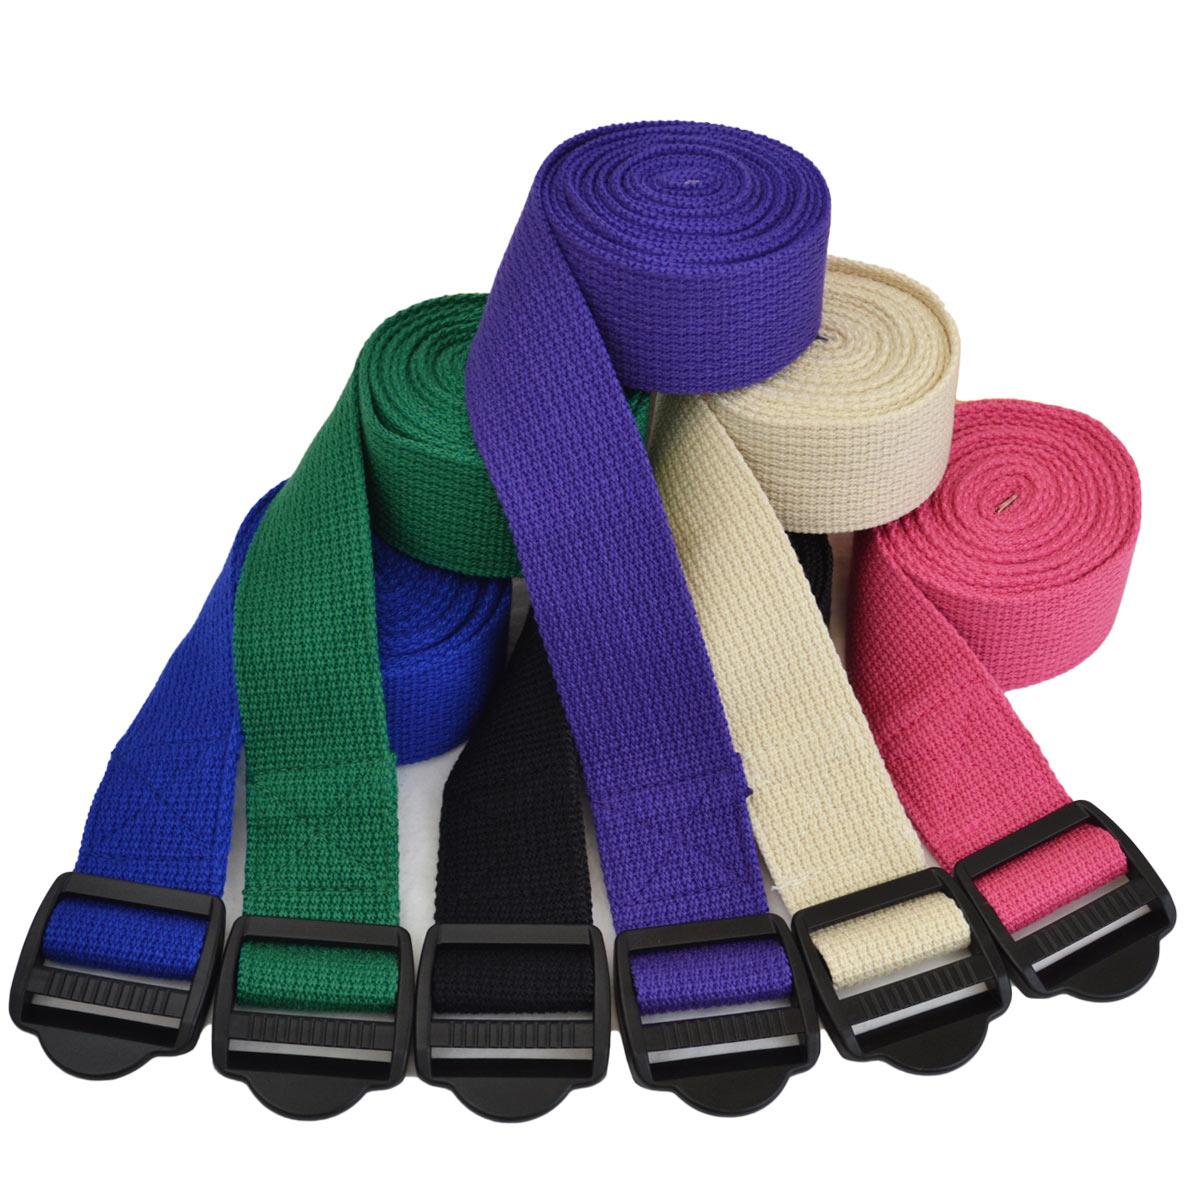 6 Foot Cinch Buckle Yoga Strap Yoga Direct